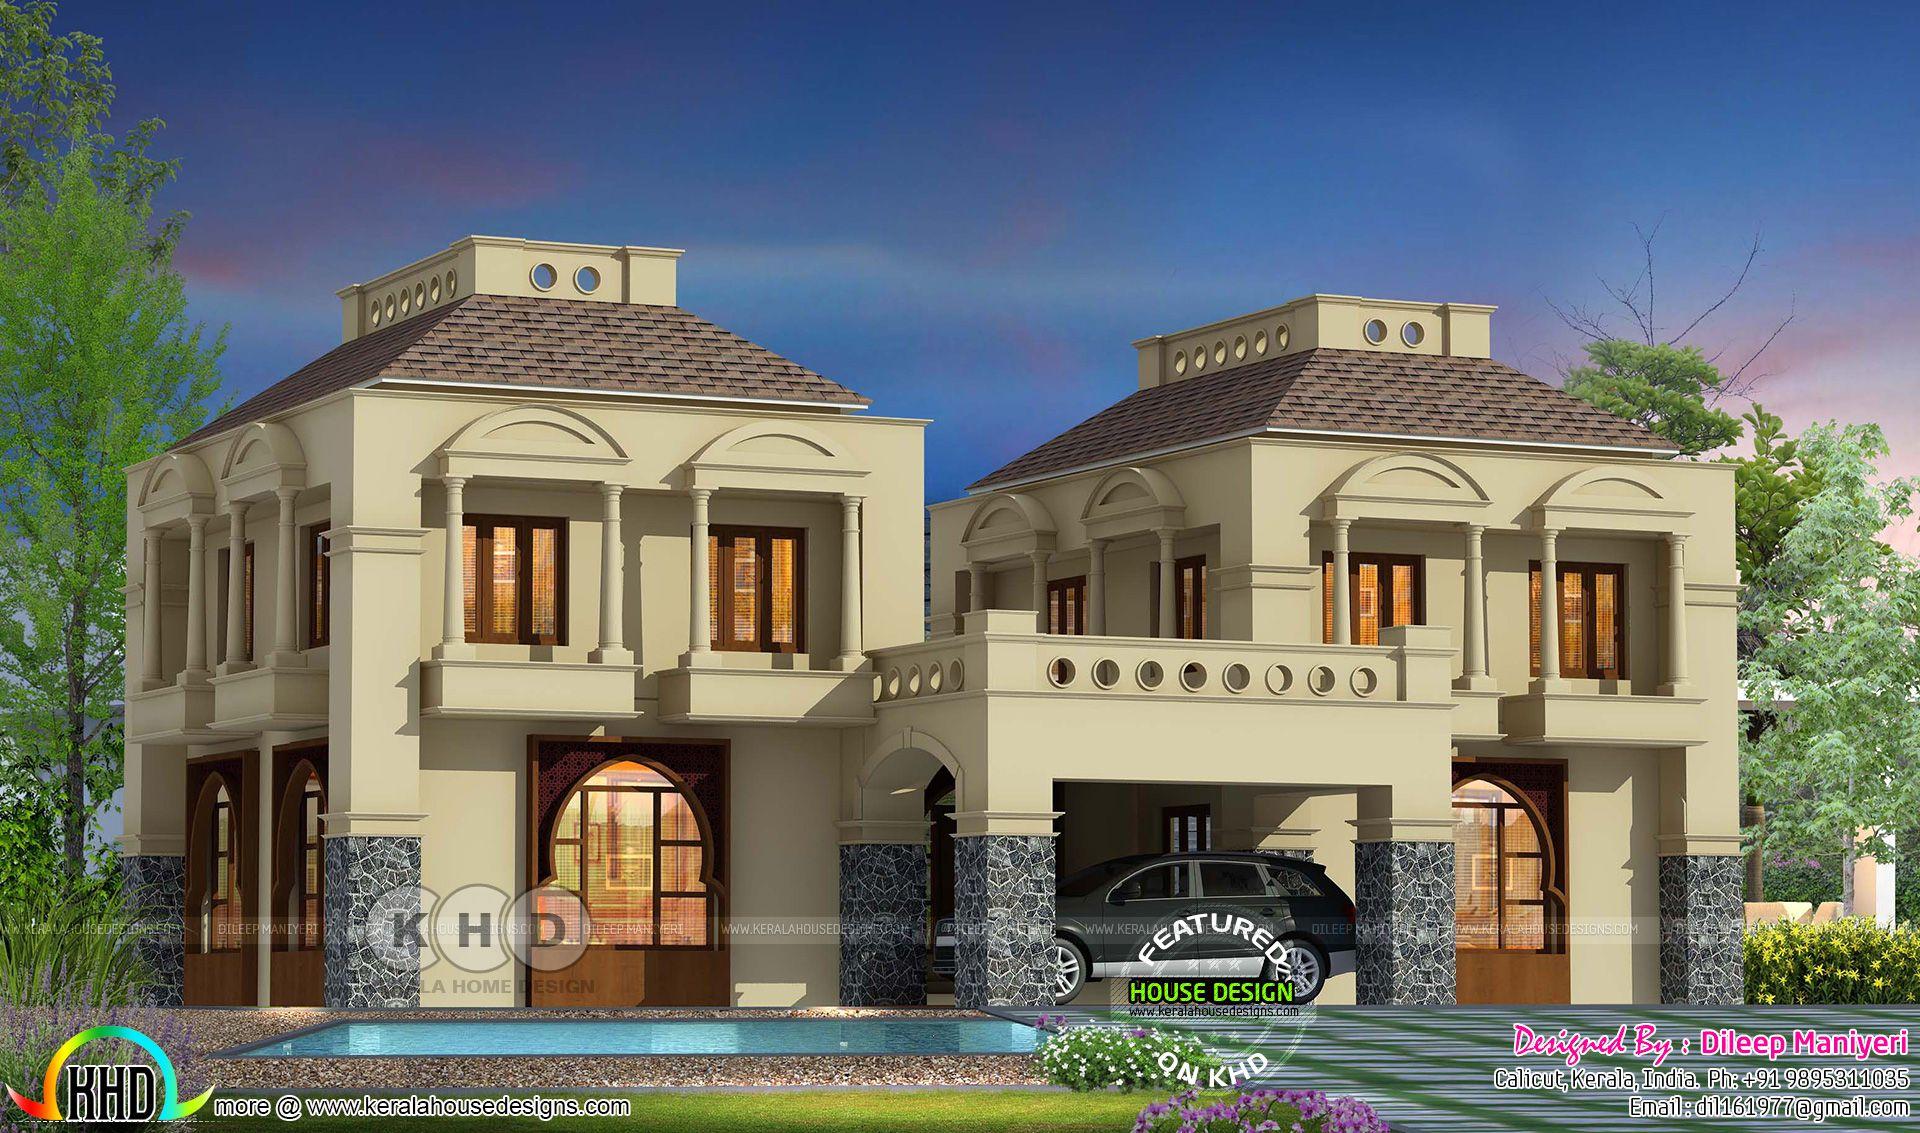 2780 Sq Ft 4 Bedroom Arabian Model House Plan Model